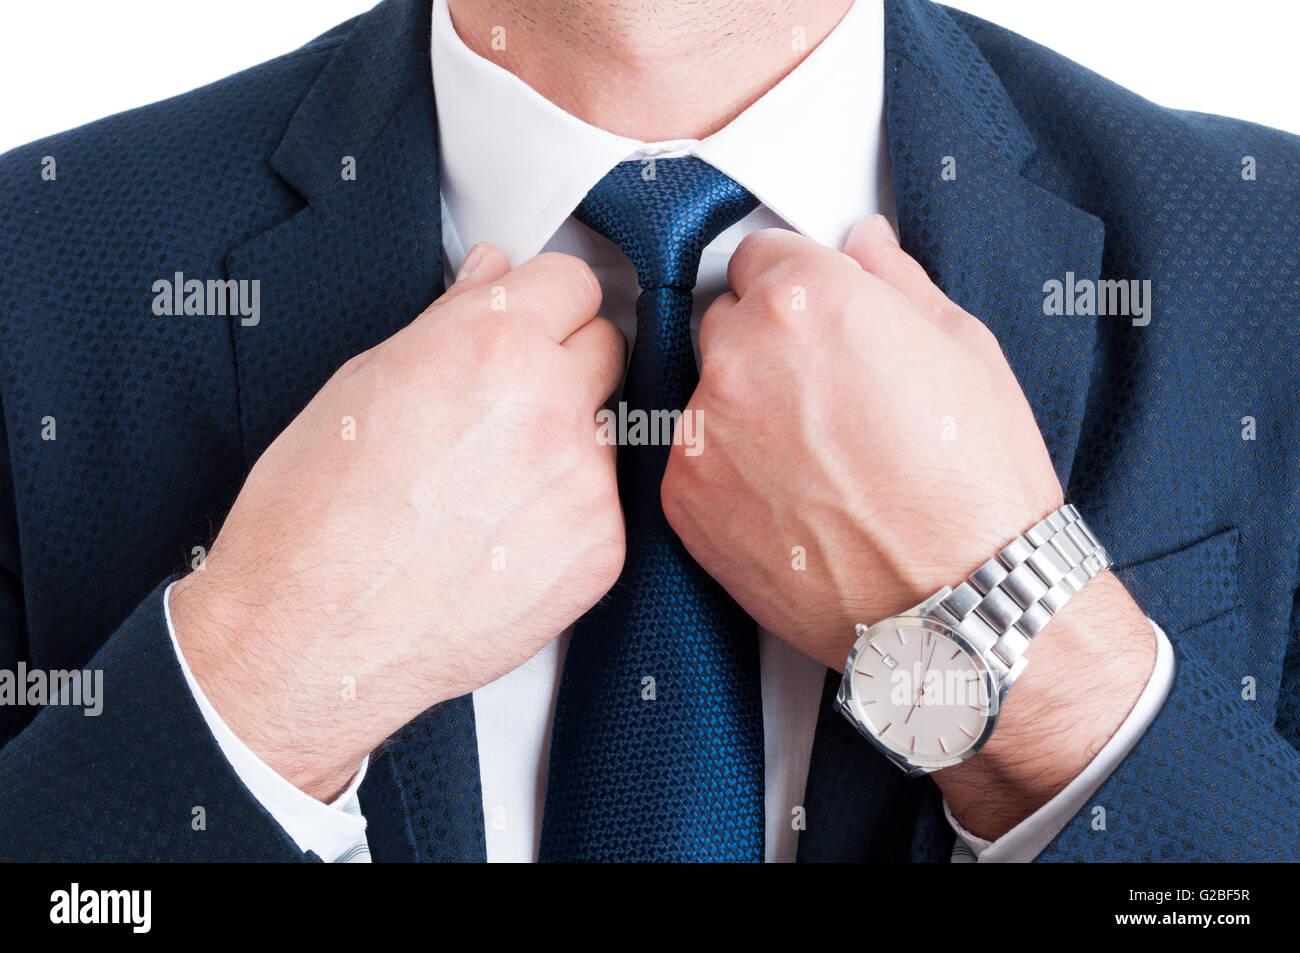 Primo piano con imprenditore cravatta fissaggio collare bianco e indossando elegante orologio da polso Immagini Stock